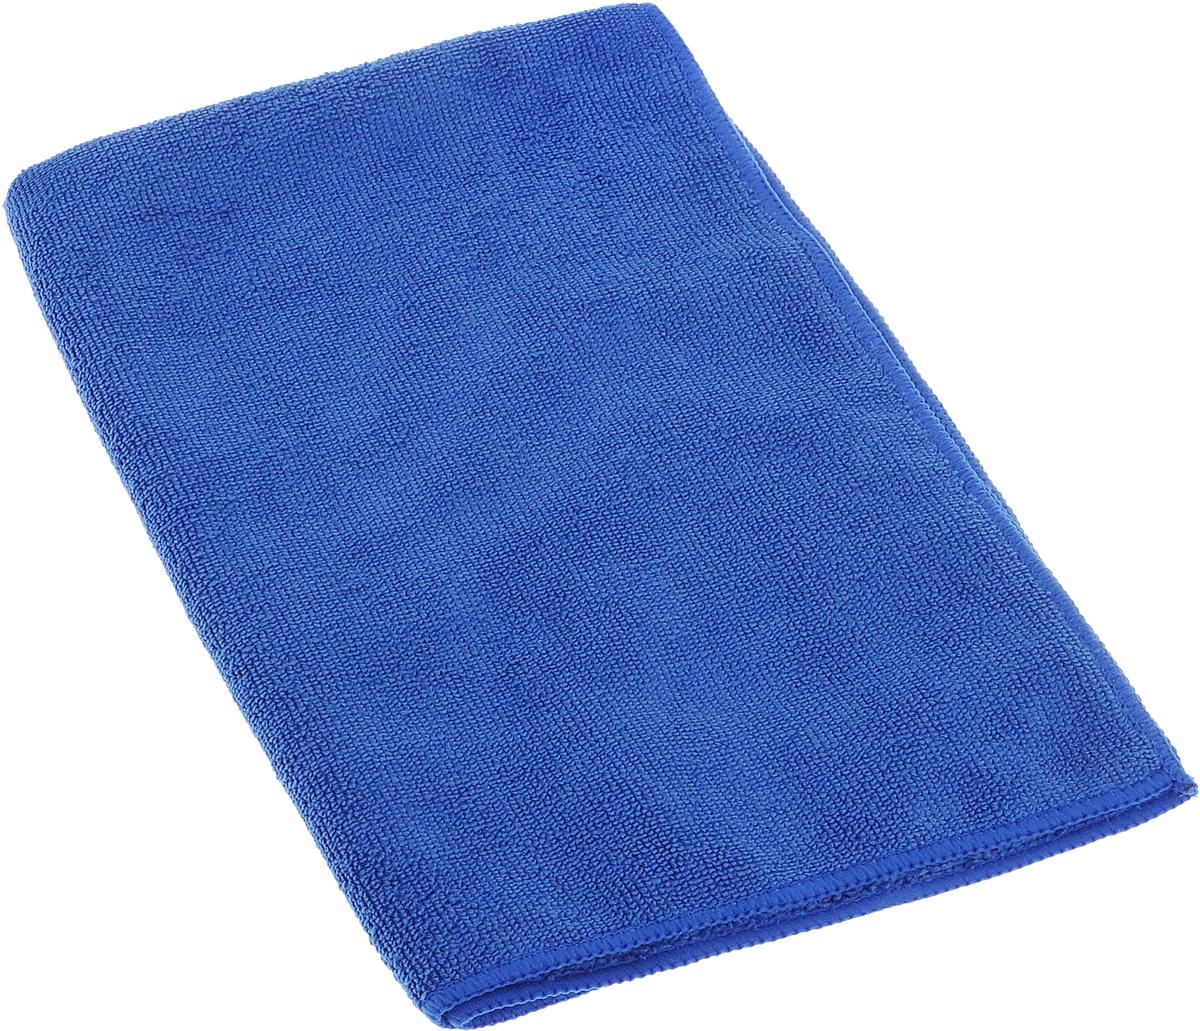 Полотенце кухонное Soavita, цвет: синий, 40 х 60 см63855Полотенце Soavita выполнено из микрофайбера (80% полиэстер и 20% полиамид). Изделие отлично впитывает влагу, быстро сохнет, сохраняет яркость цвета и не теряет форму даже после многократных стирок. Полотенце очень практично и неприхотливо в уходе. Оно создаст прекрасное настроение и украсит интерьер в ванной комнате.